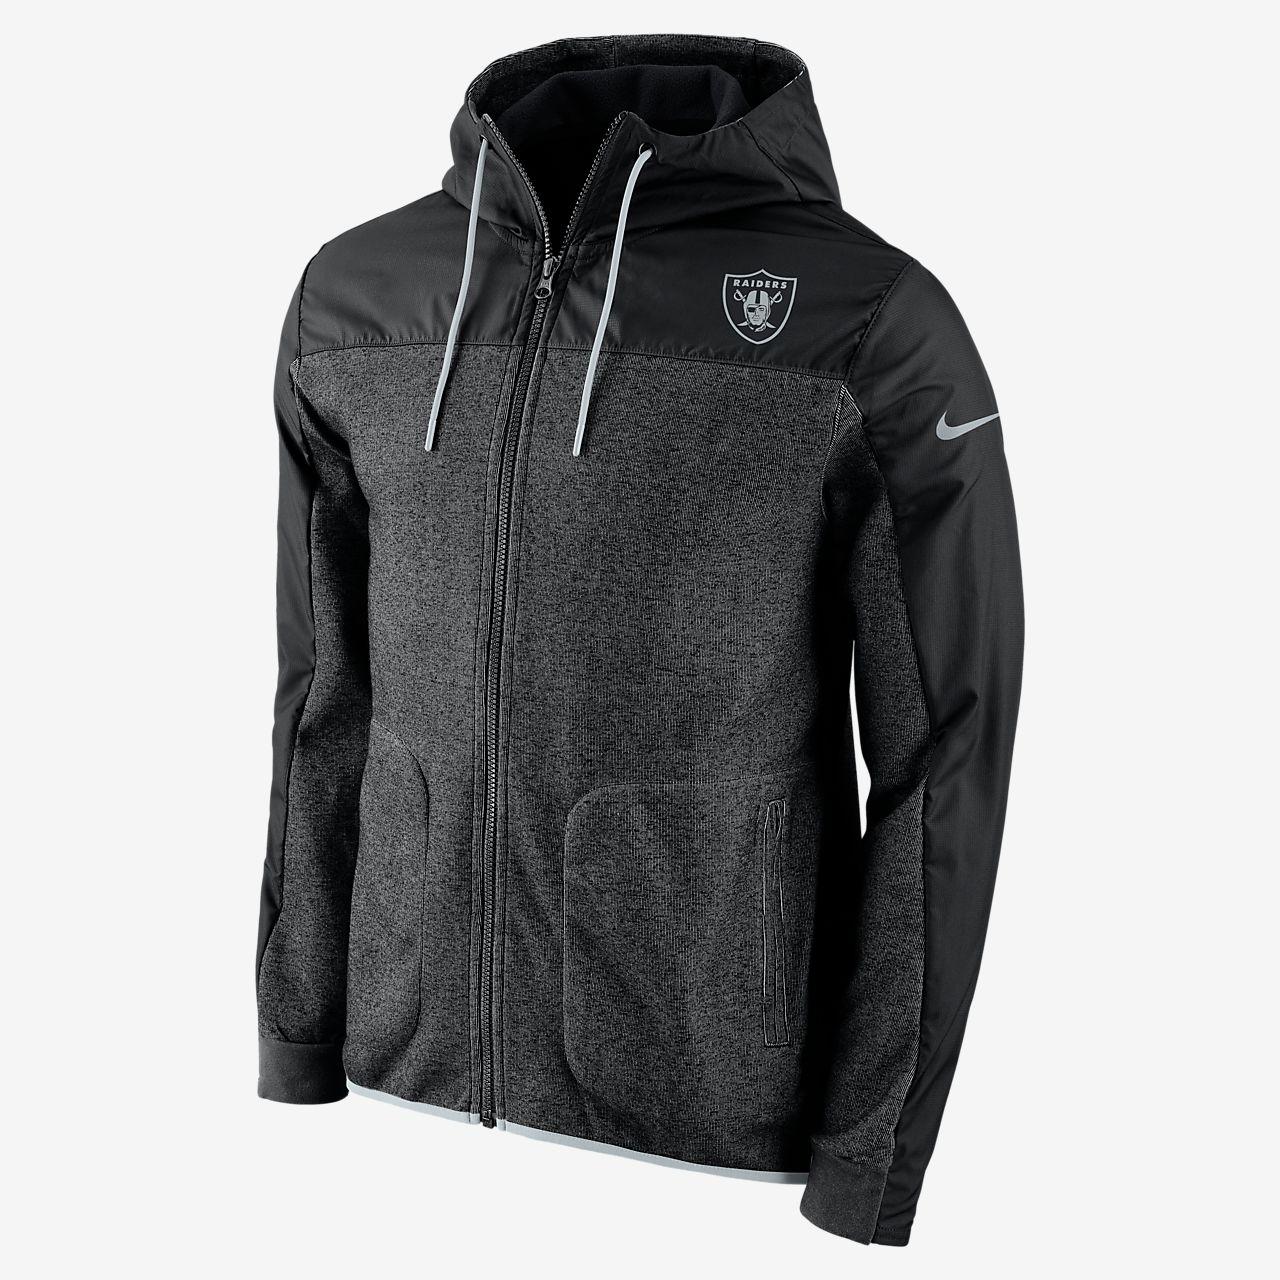 Men's Black Nike AV15 Hooded Jacket OU444271v